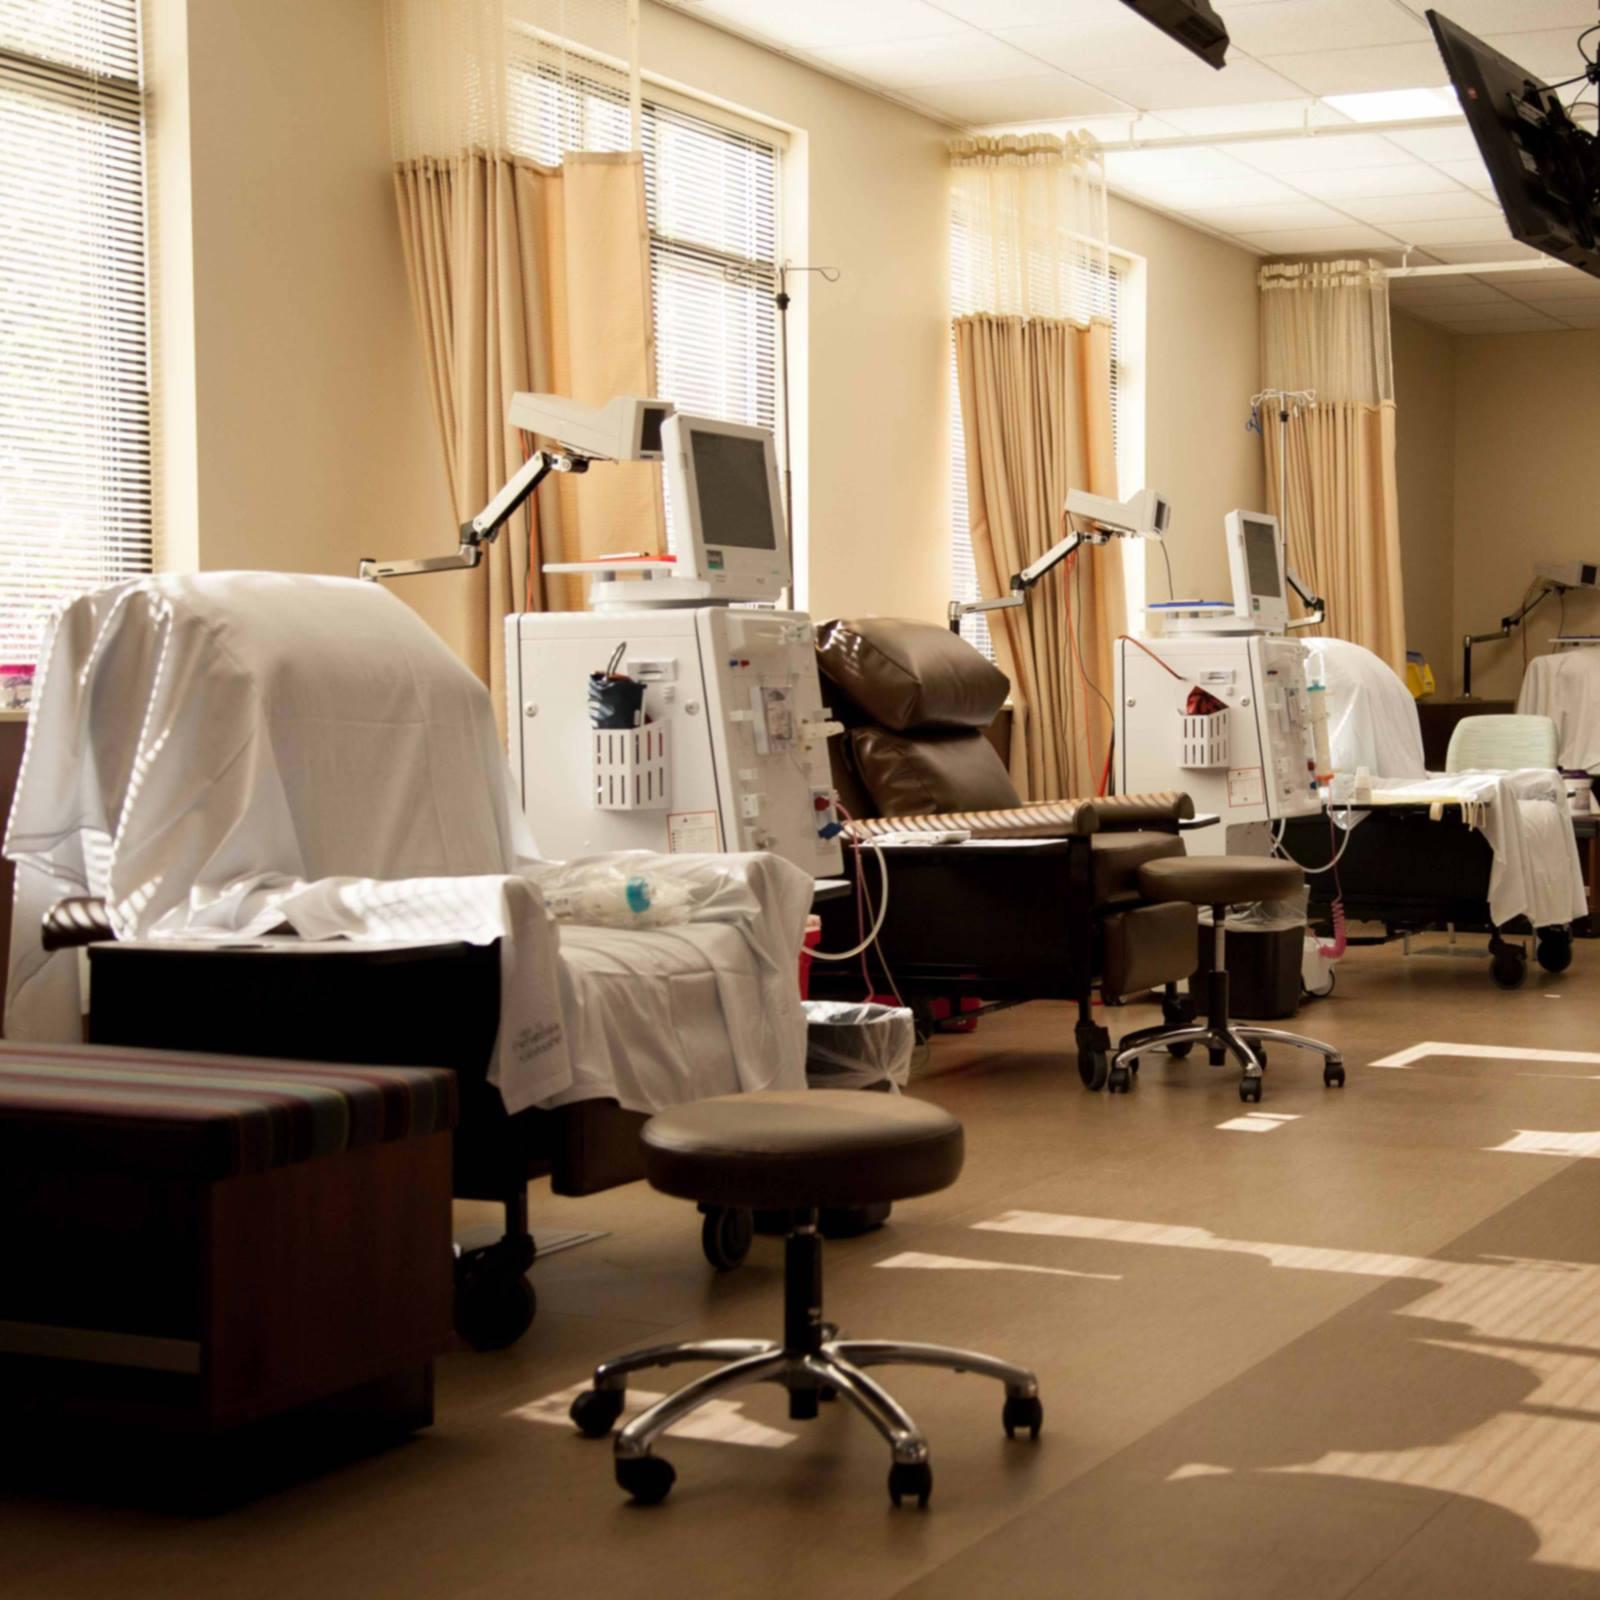 Heber Valley Dialysis Center